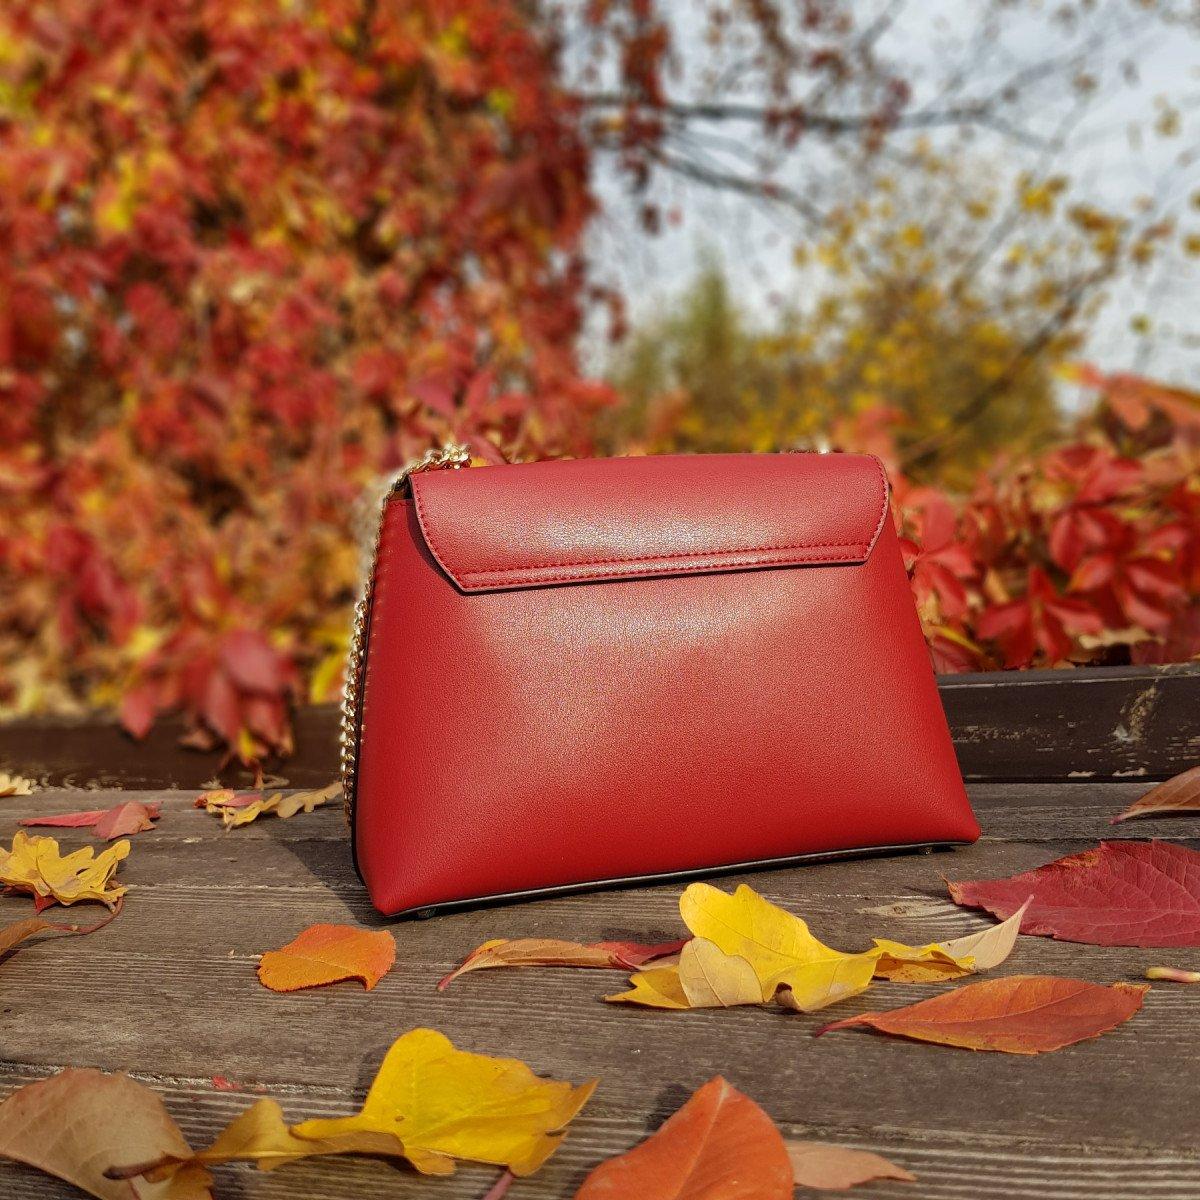 Женская кожаная сумка Cromia 1404706 BORDEAUX из натуральной кожи